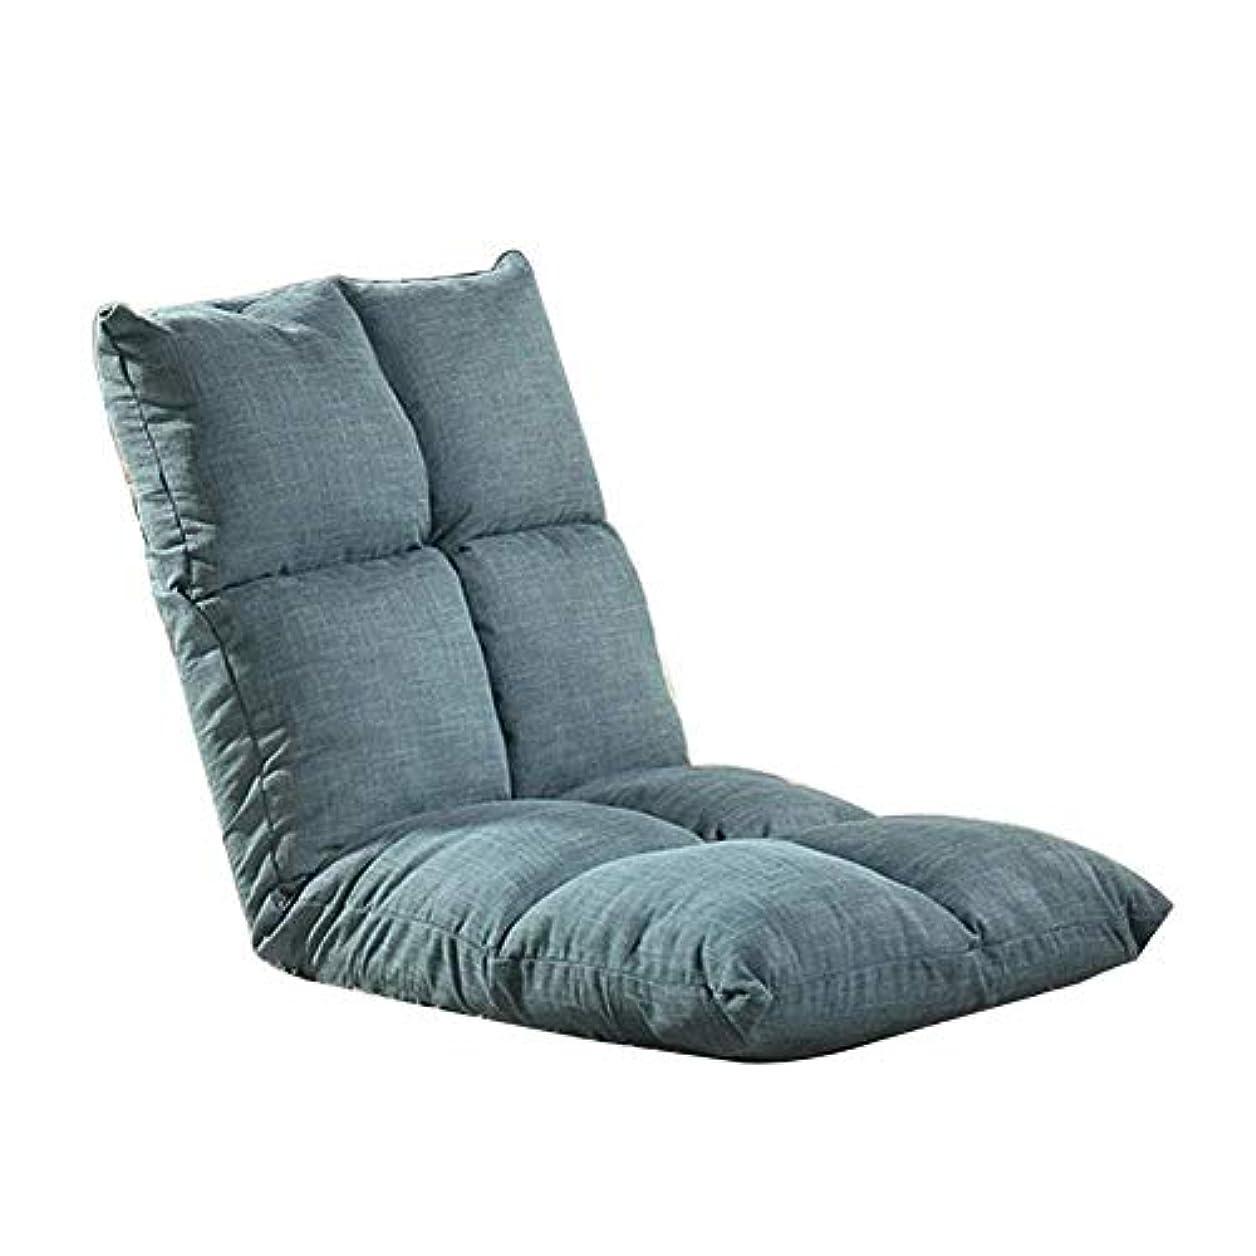 前に壁ギャラリー瞑想の椅子、床の怠zyなソファ、折りたたみ椅子、調節可能な椅子、畳シングルウィンドウチェア (Color : A)